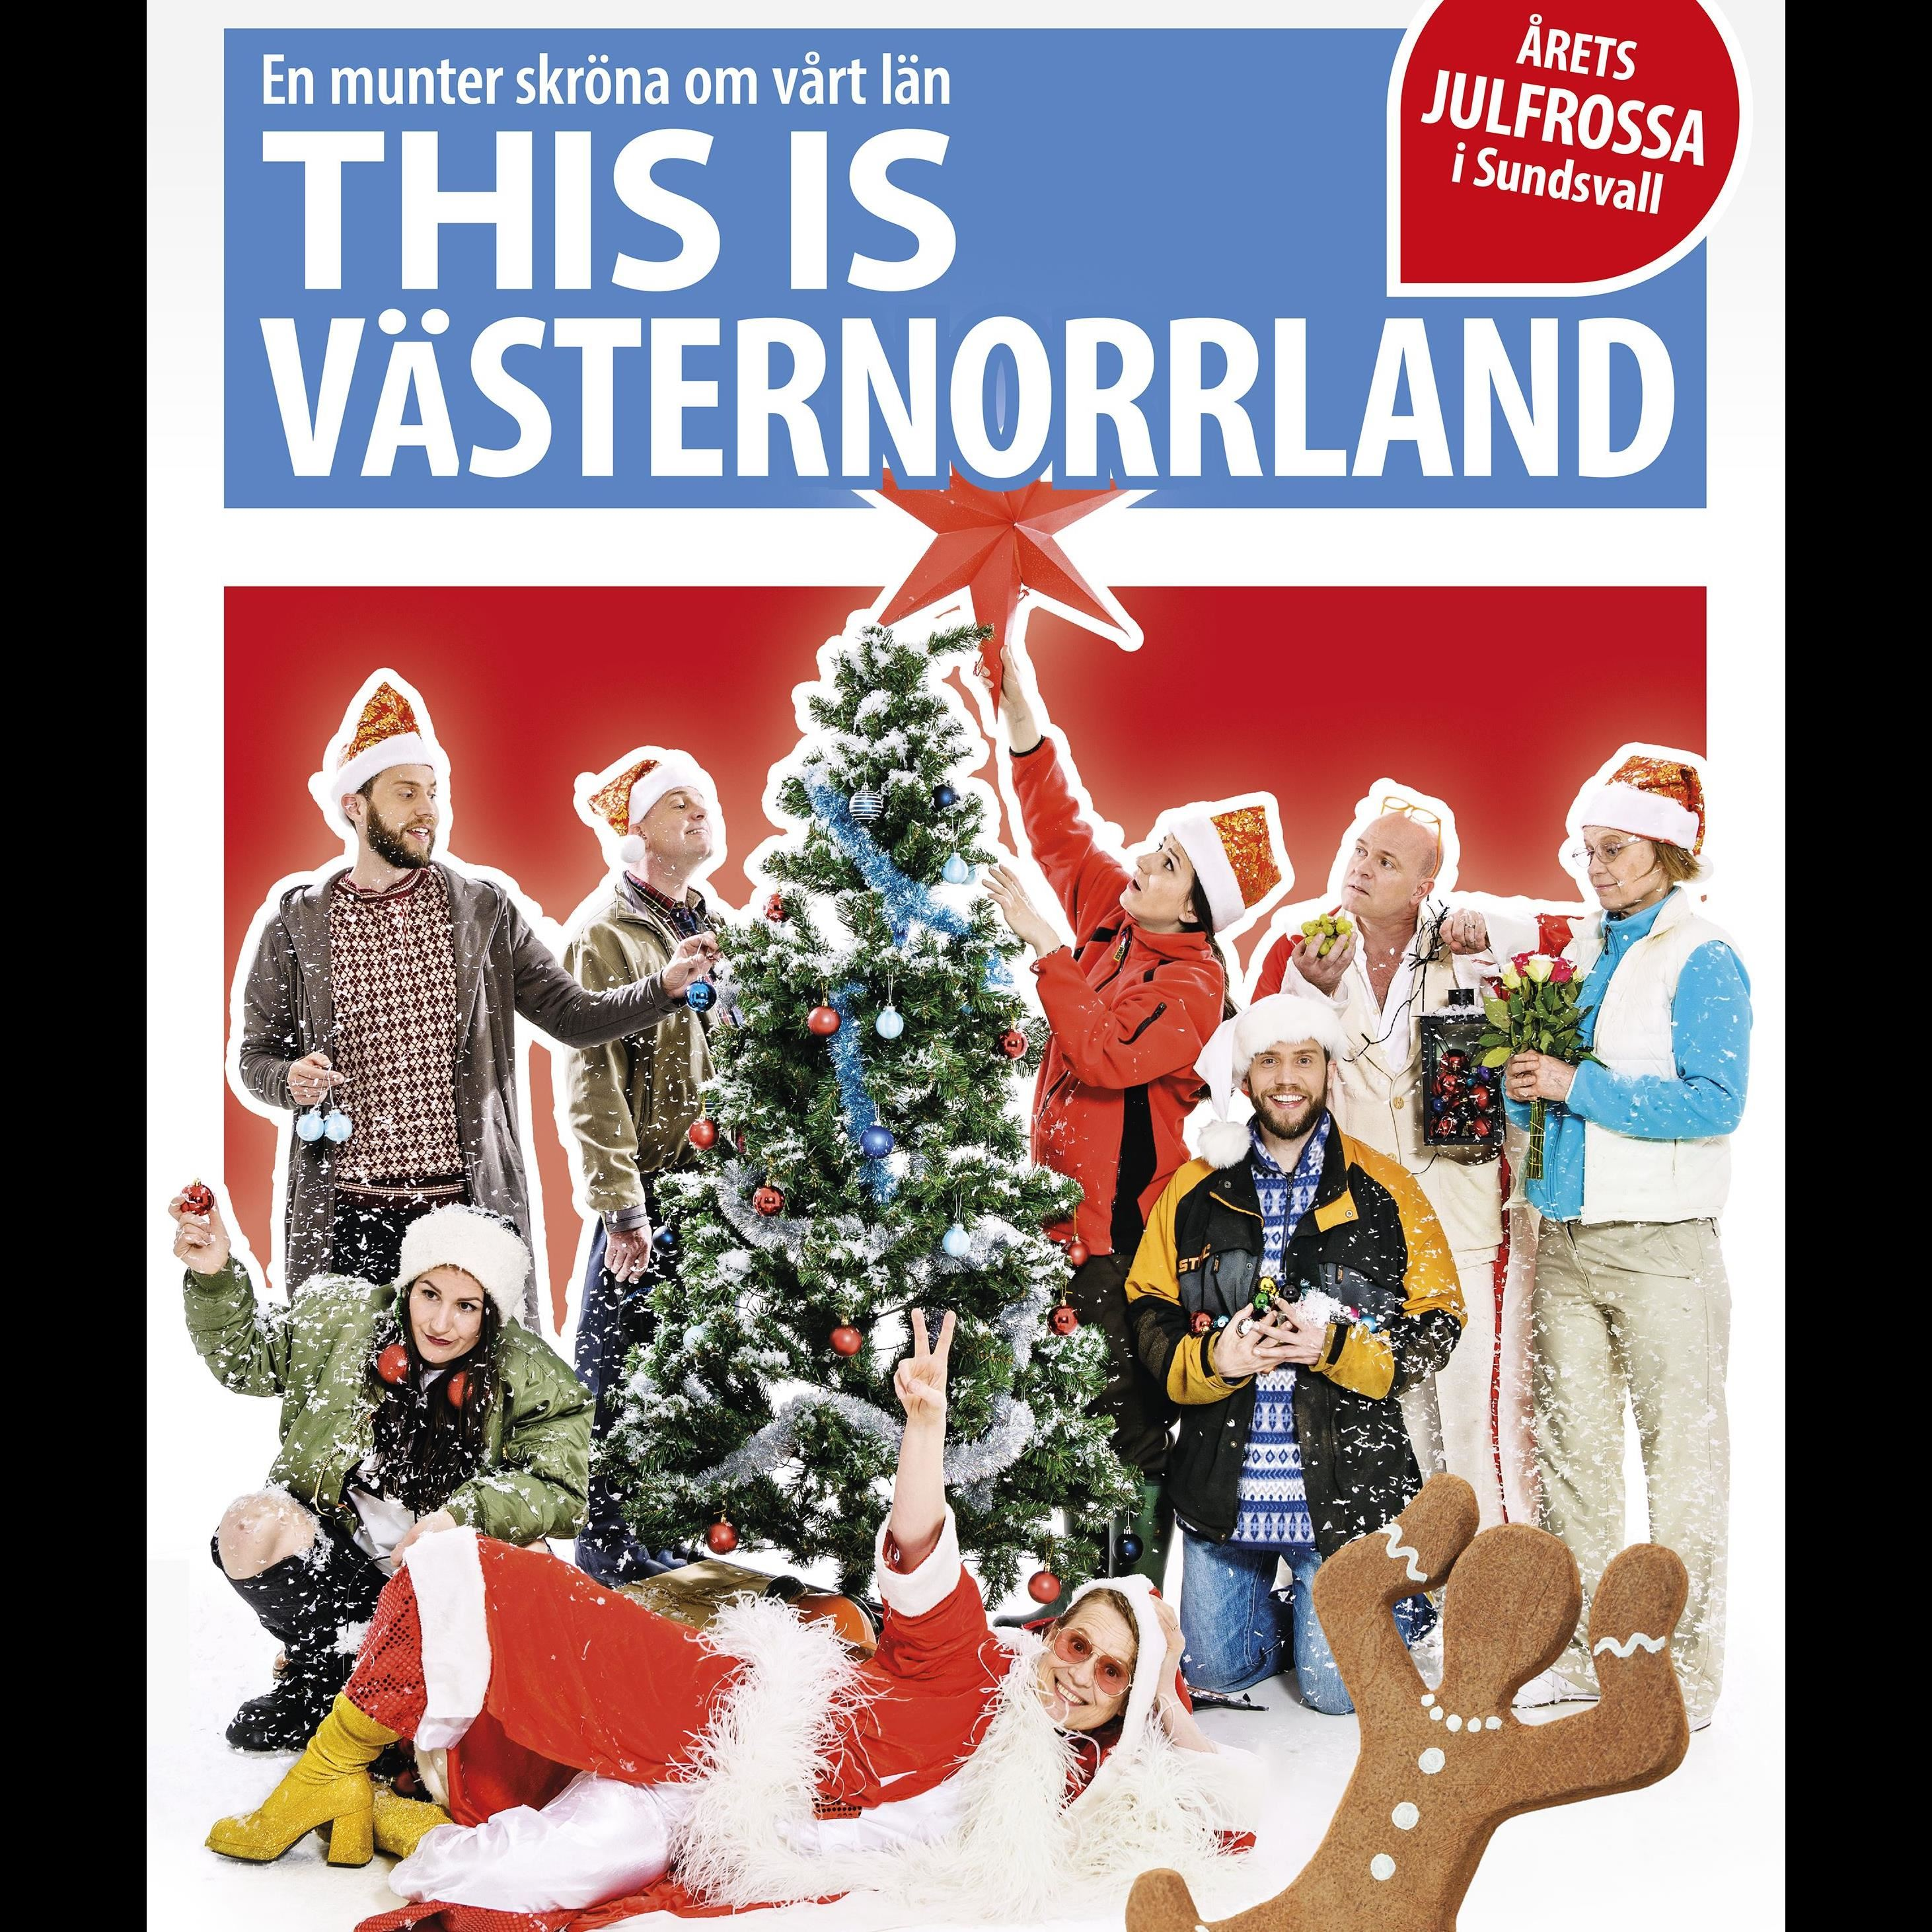 Julfrossa - This is Västernorrland - nu är det jul igen!